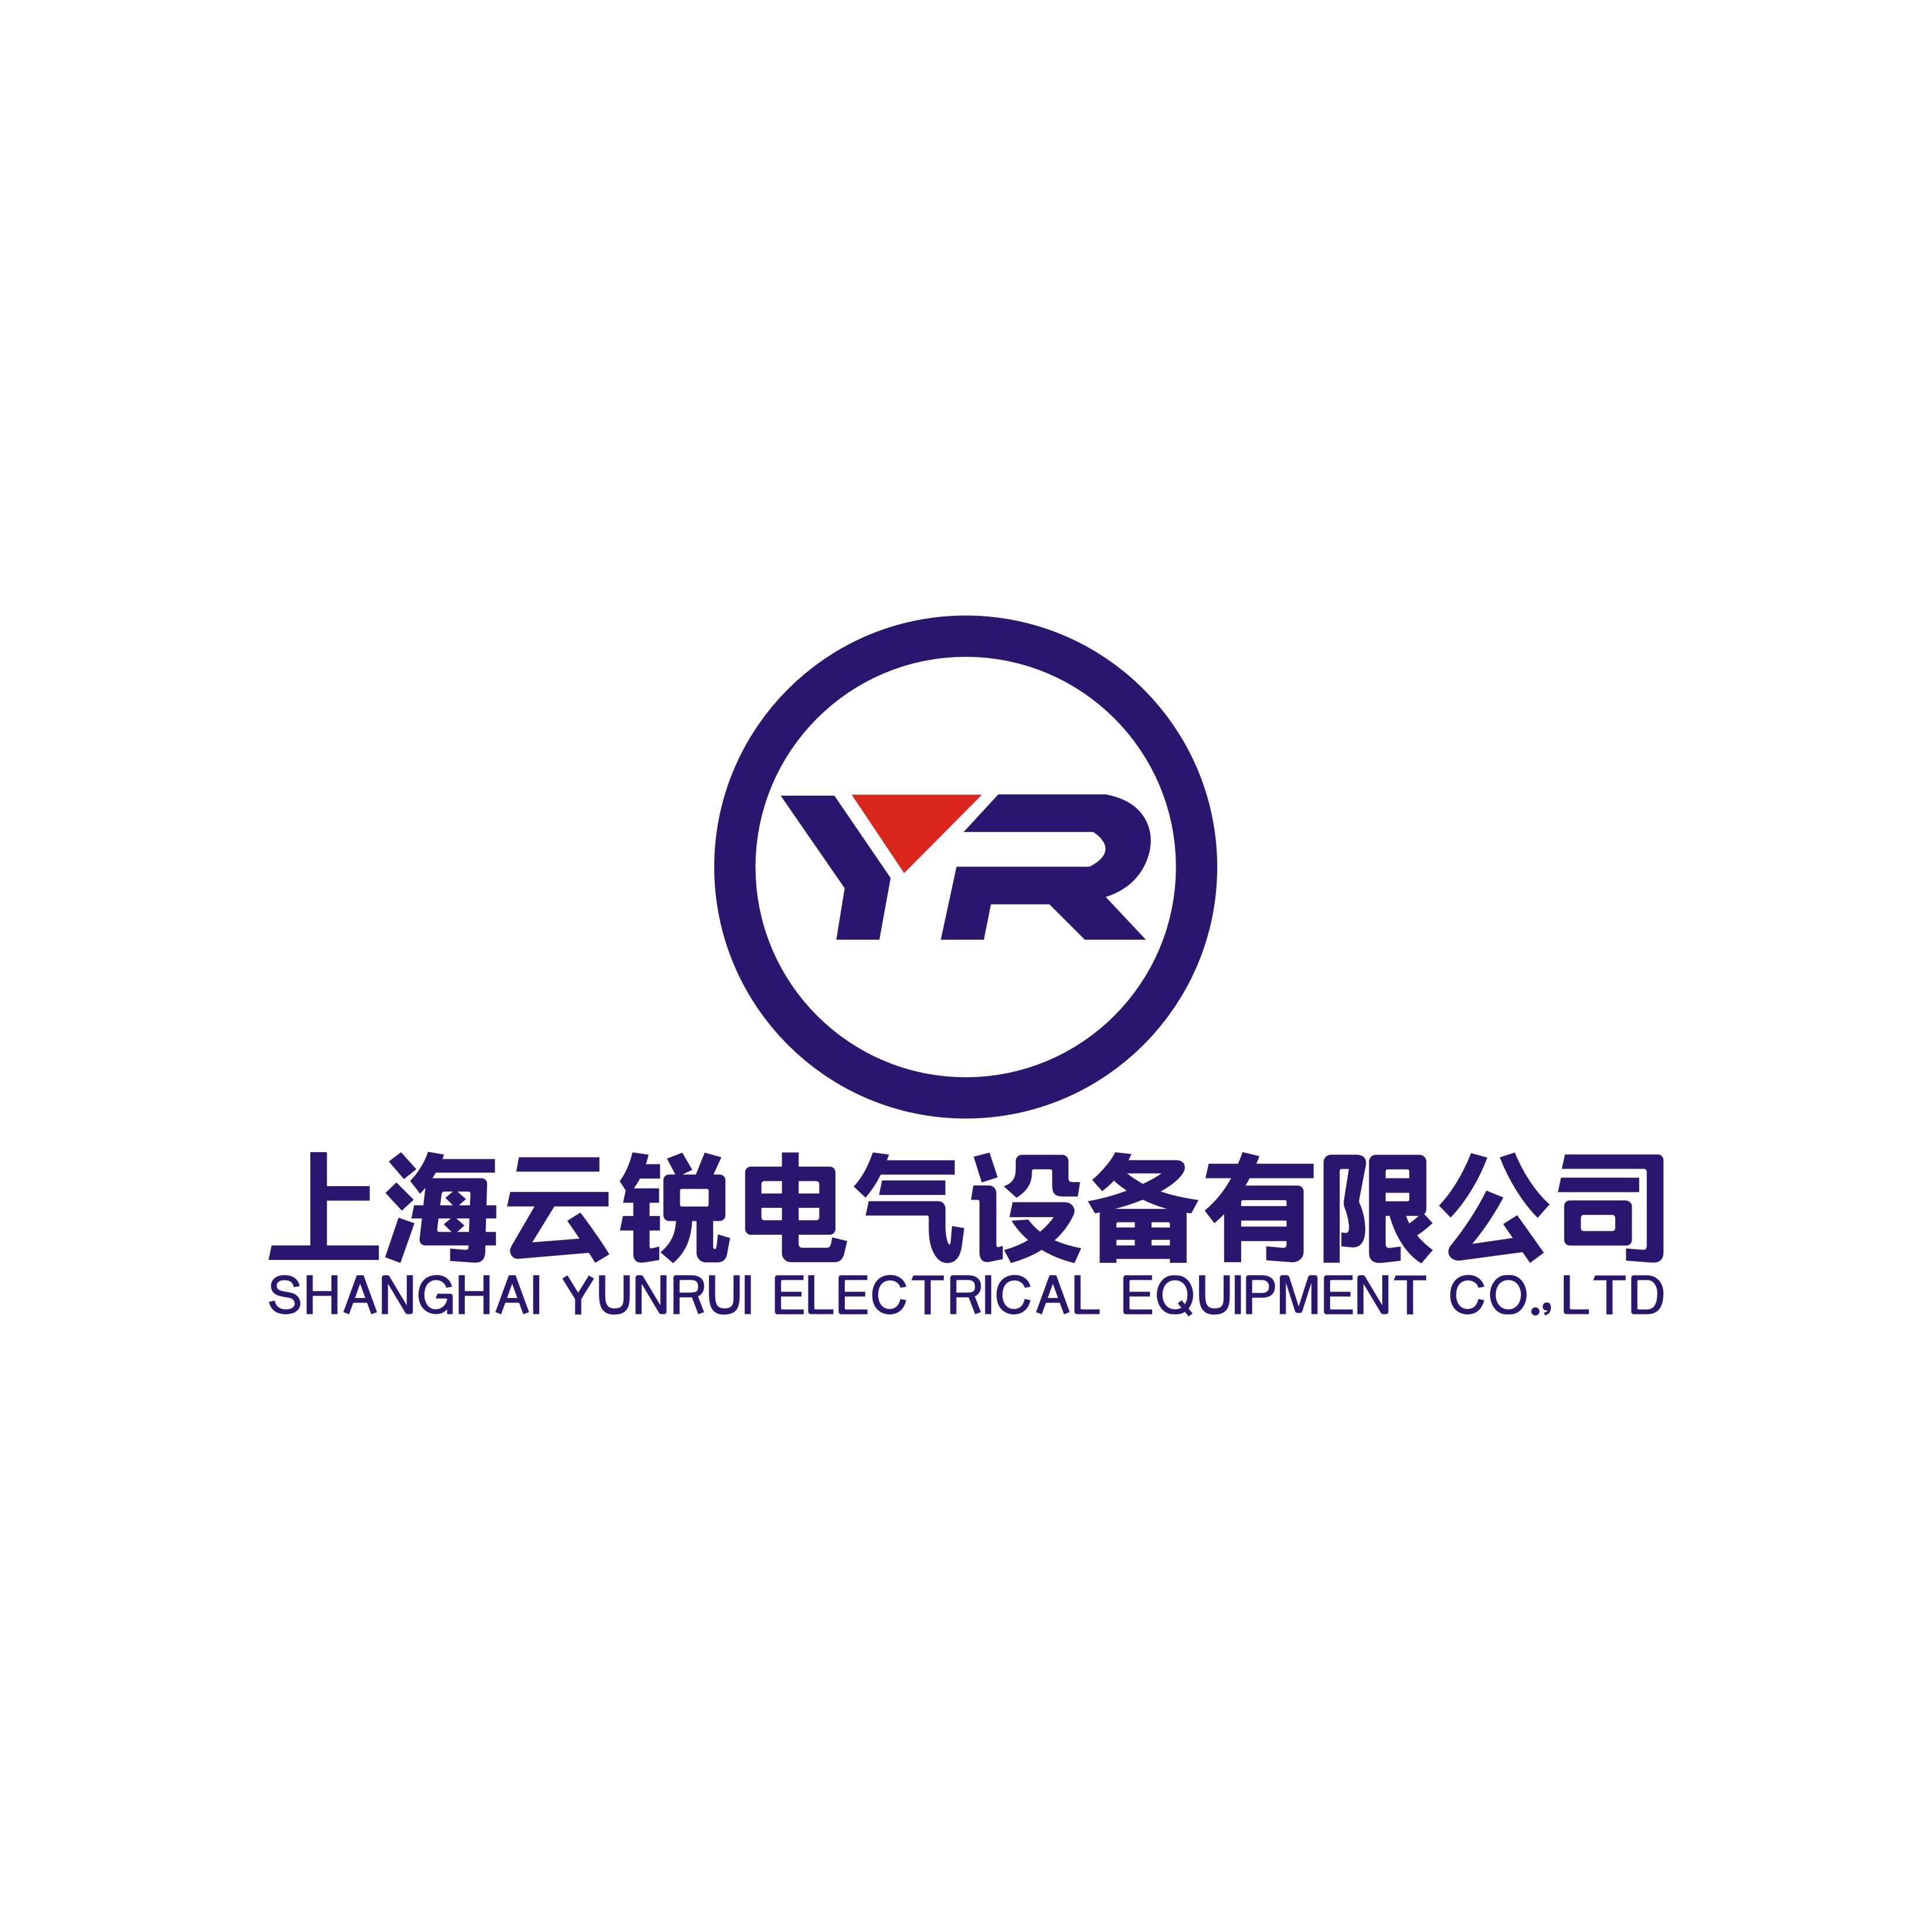 上海云銳電氣設備有限公司